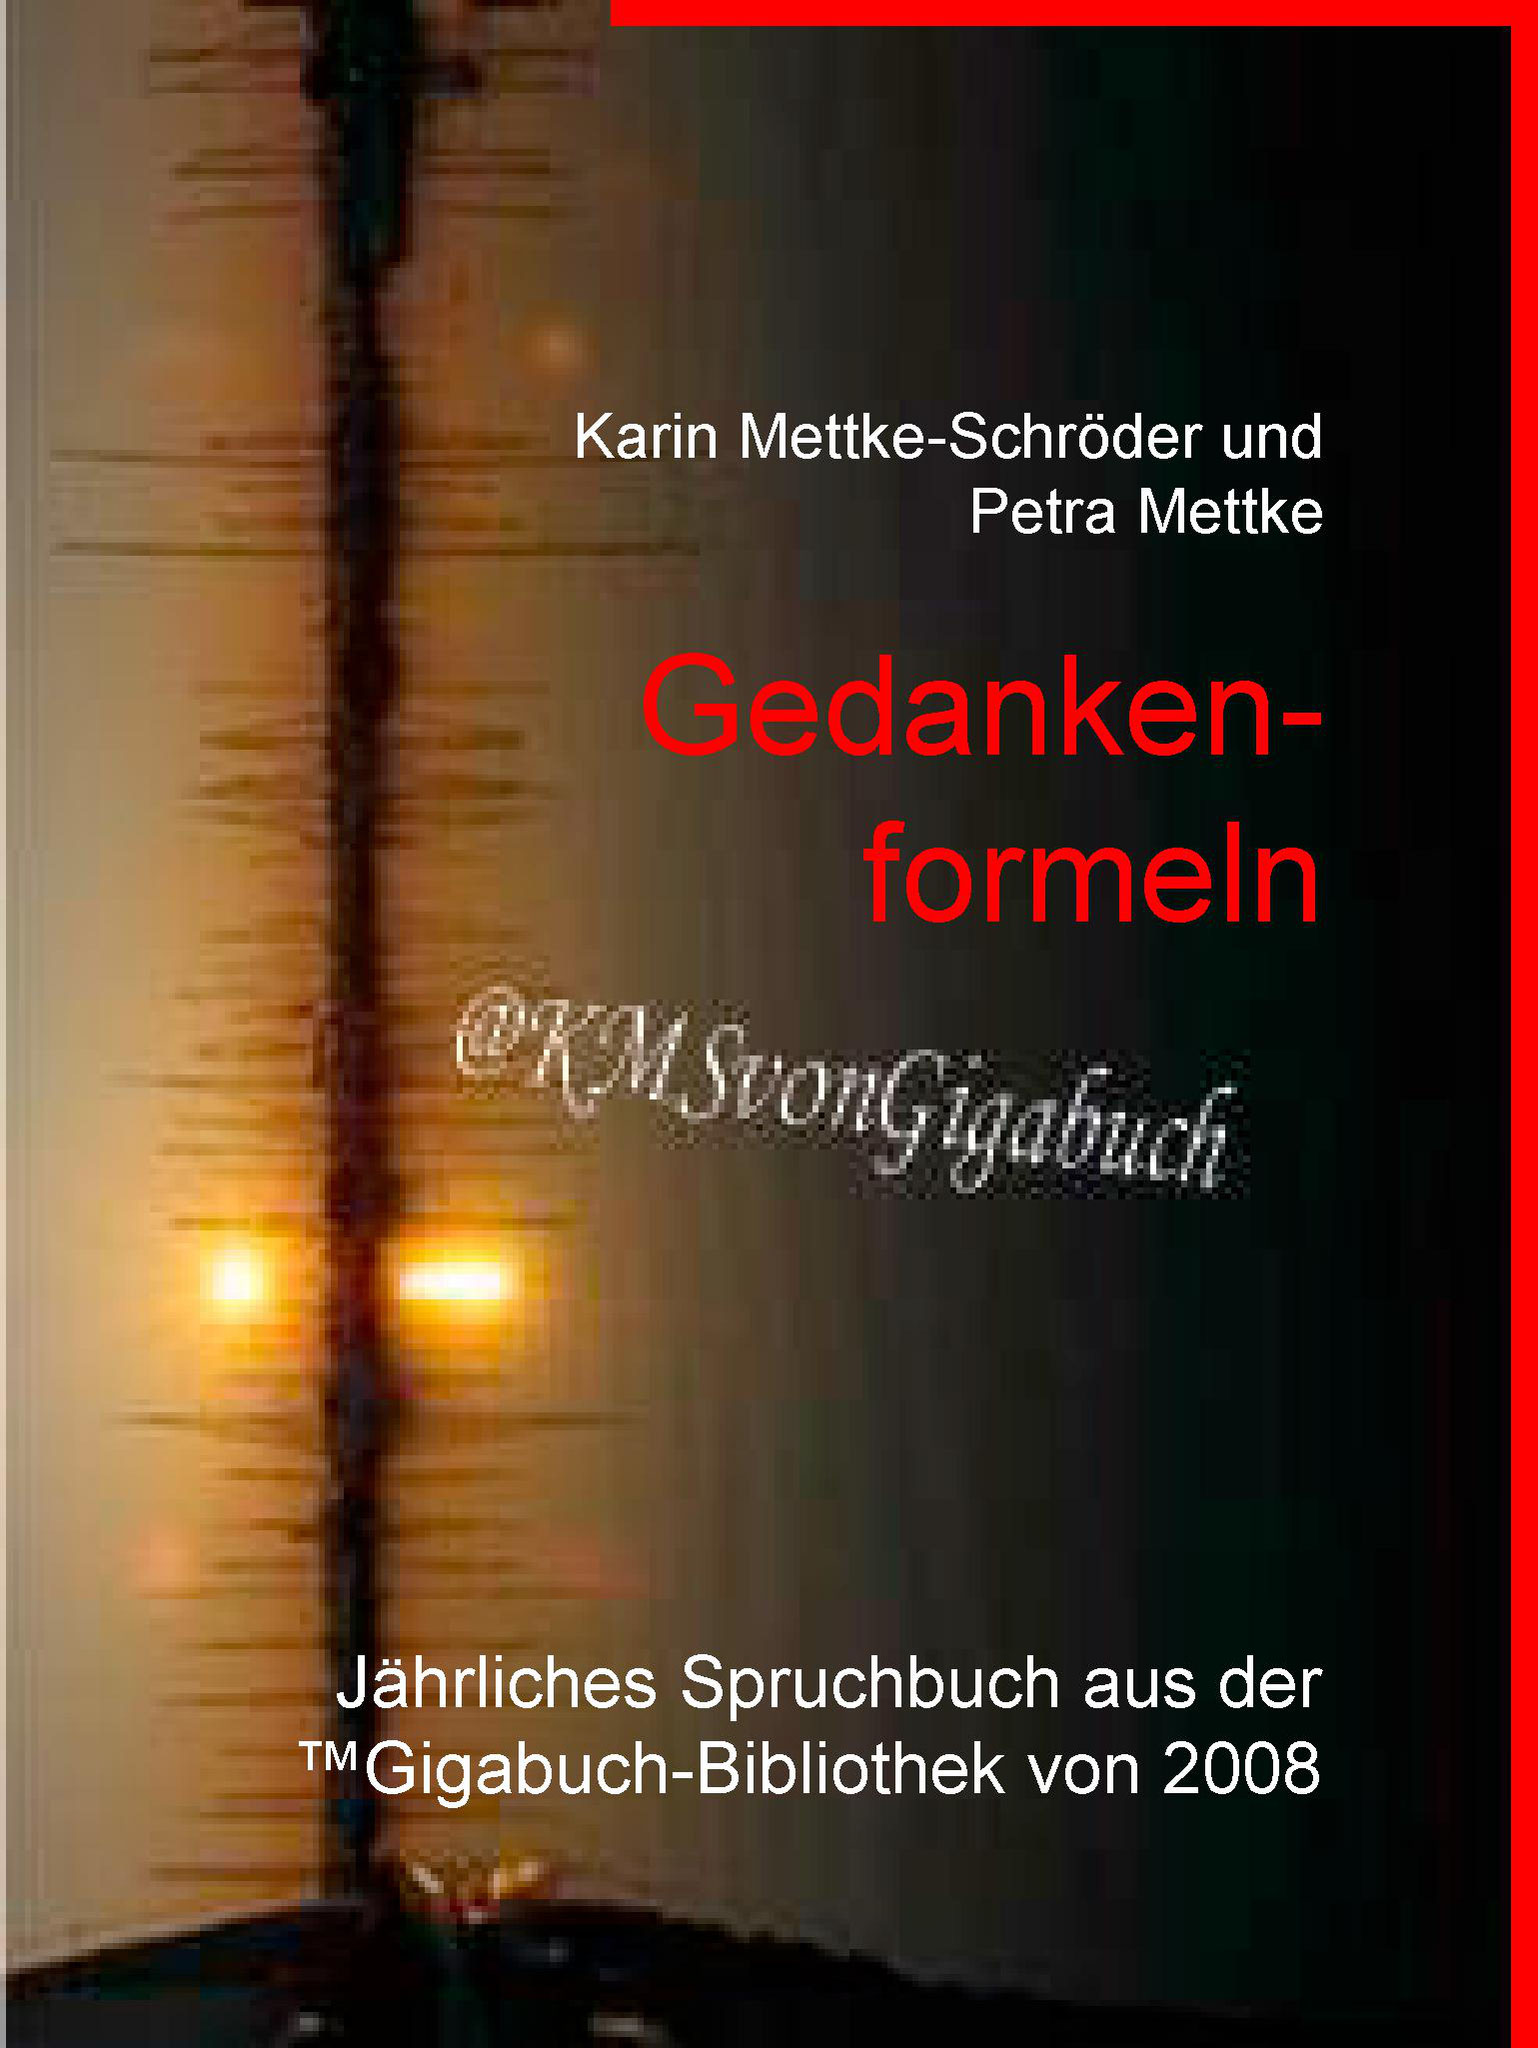 Karin Mettke-Schröder, Petra Mettke/Gedankenformeln/Gigabuch Bibliothek 2008/e-Short ISBN 97837347114